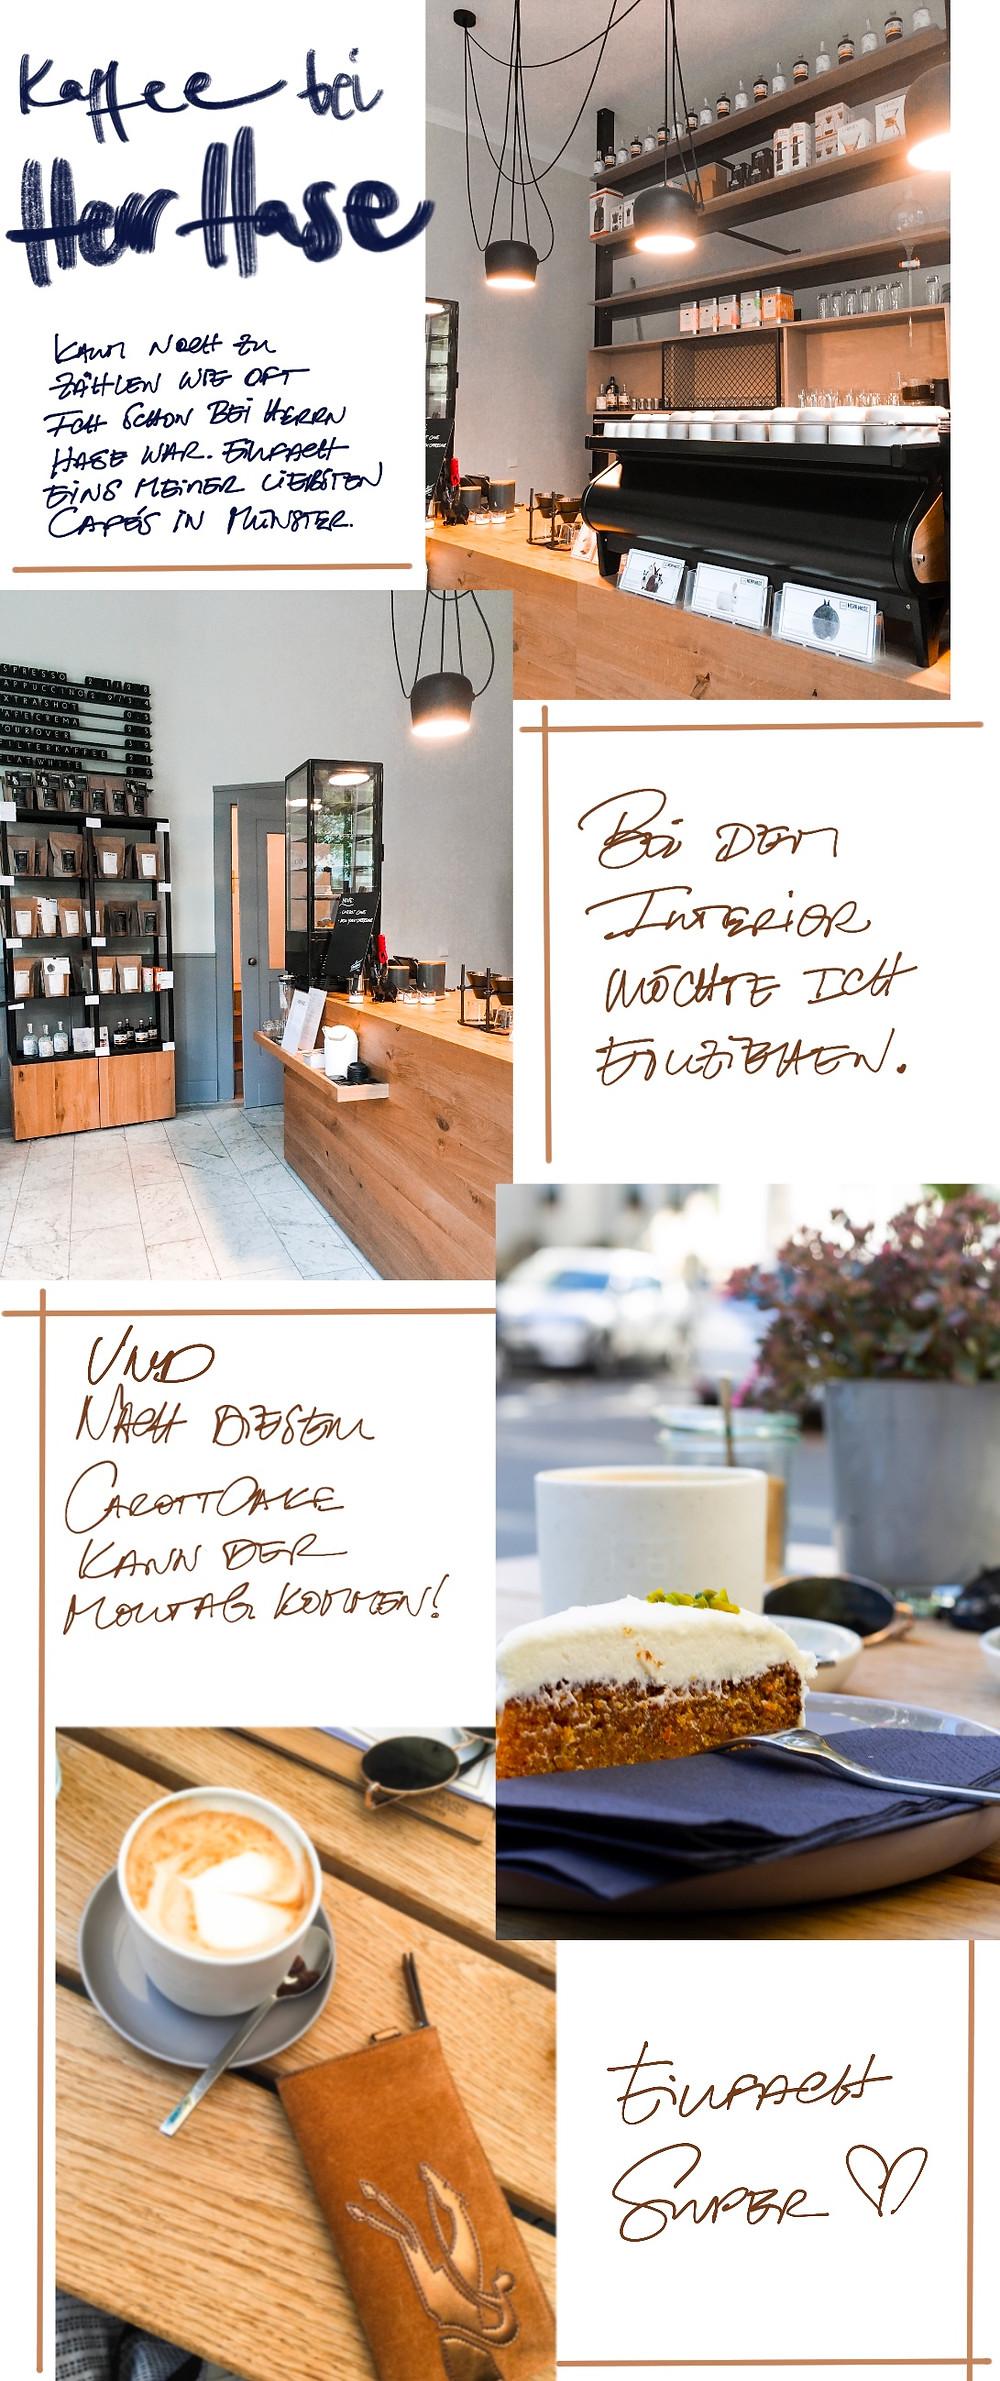 Zu Besuch bei Herrn Hase im Café in der Gertrudenstraße in Münster